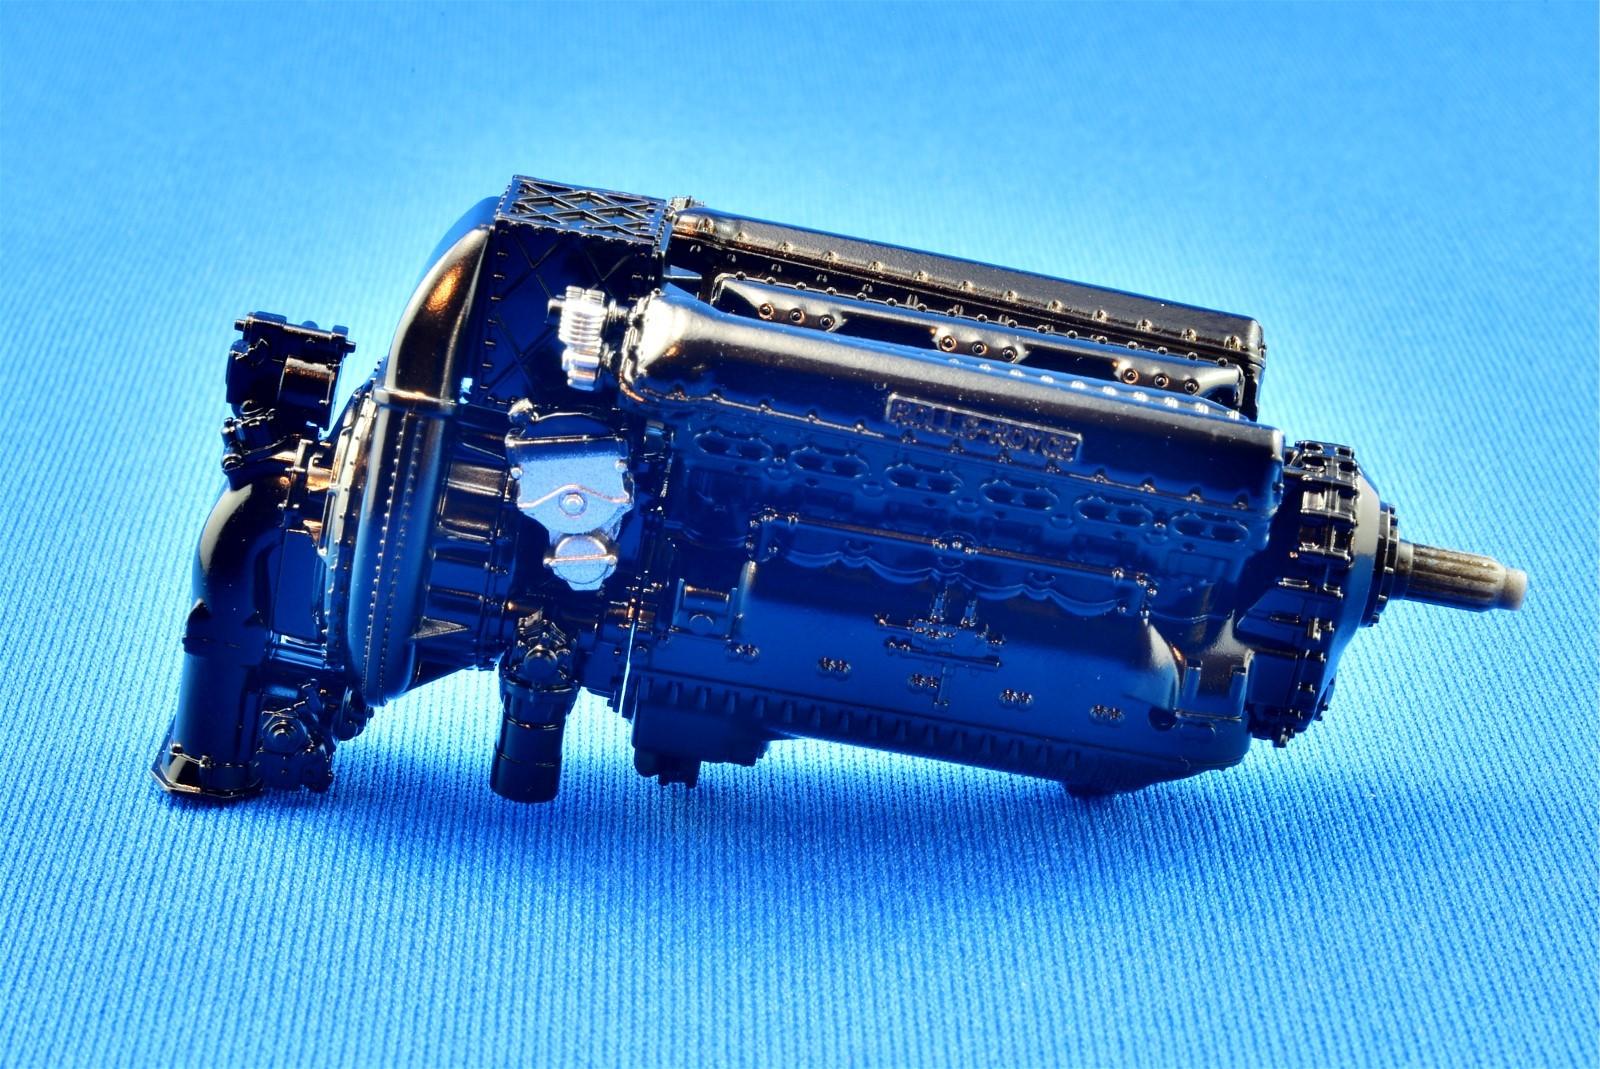 yC8y7c.jpg